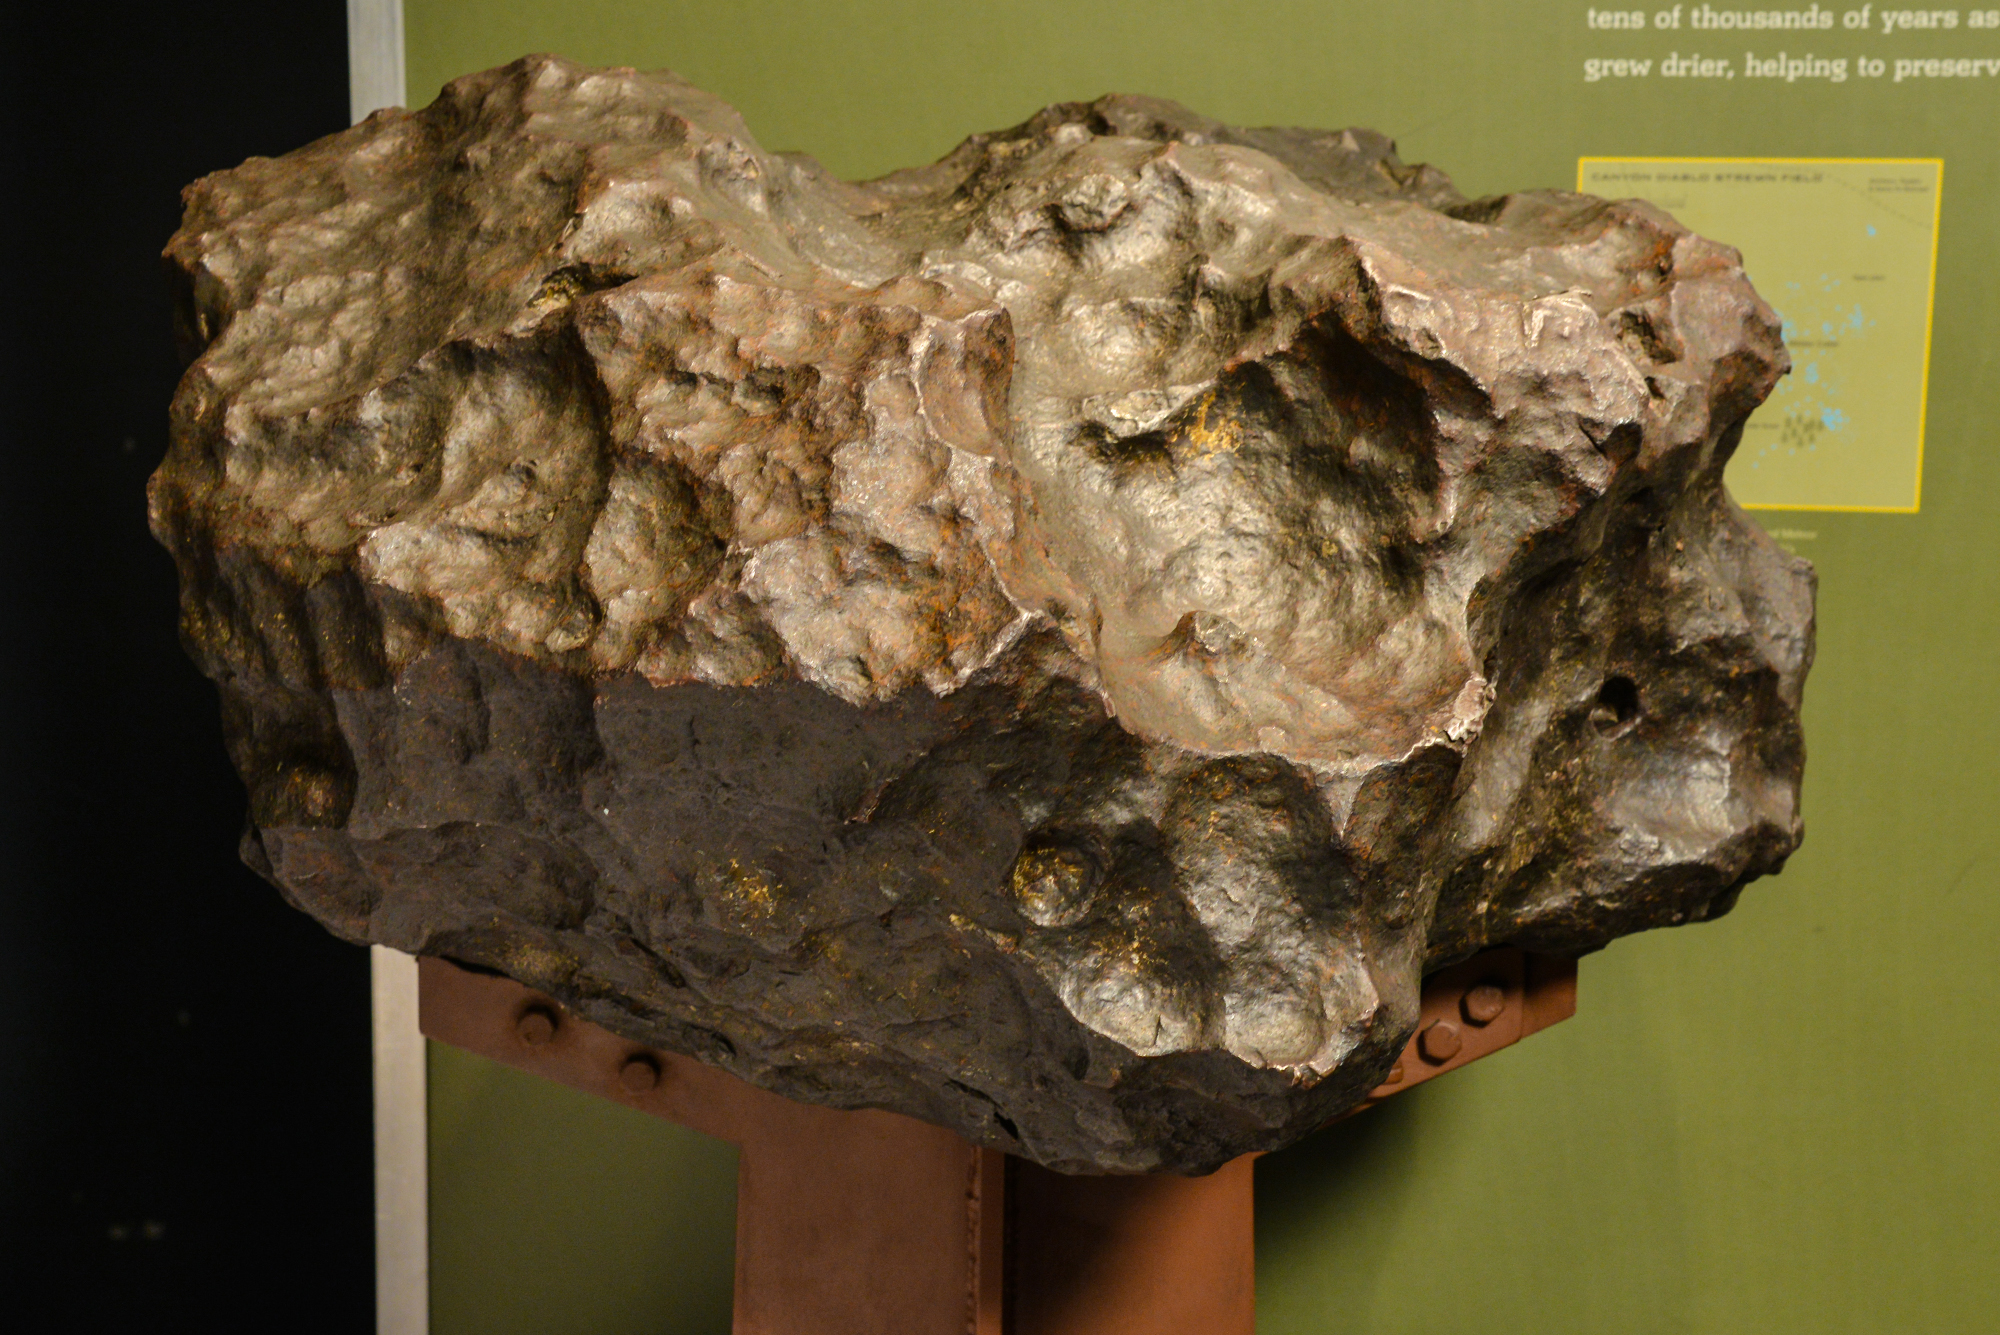 météorite au musée d'Histoire naturelle de New York